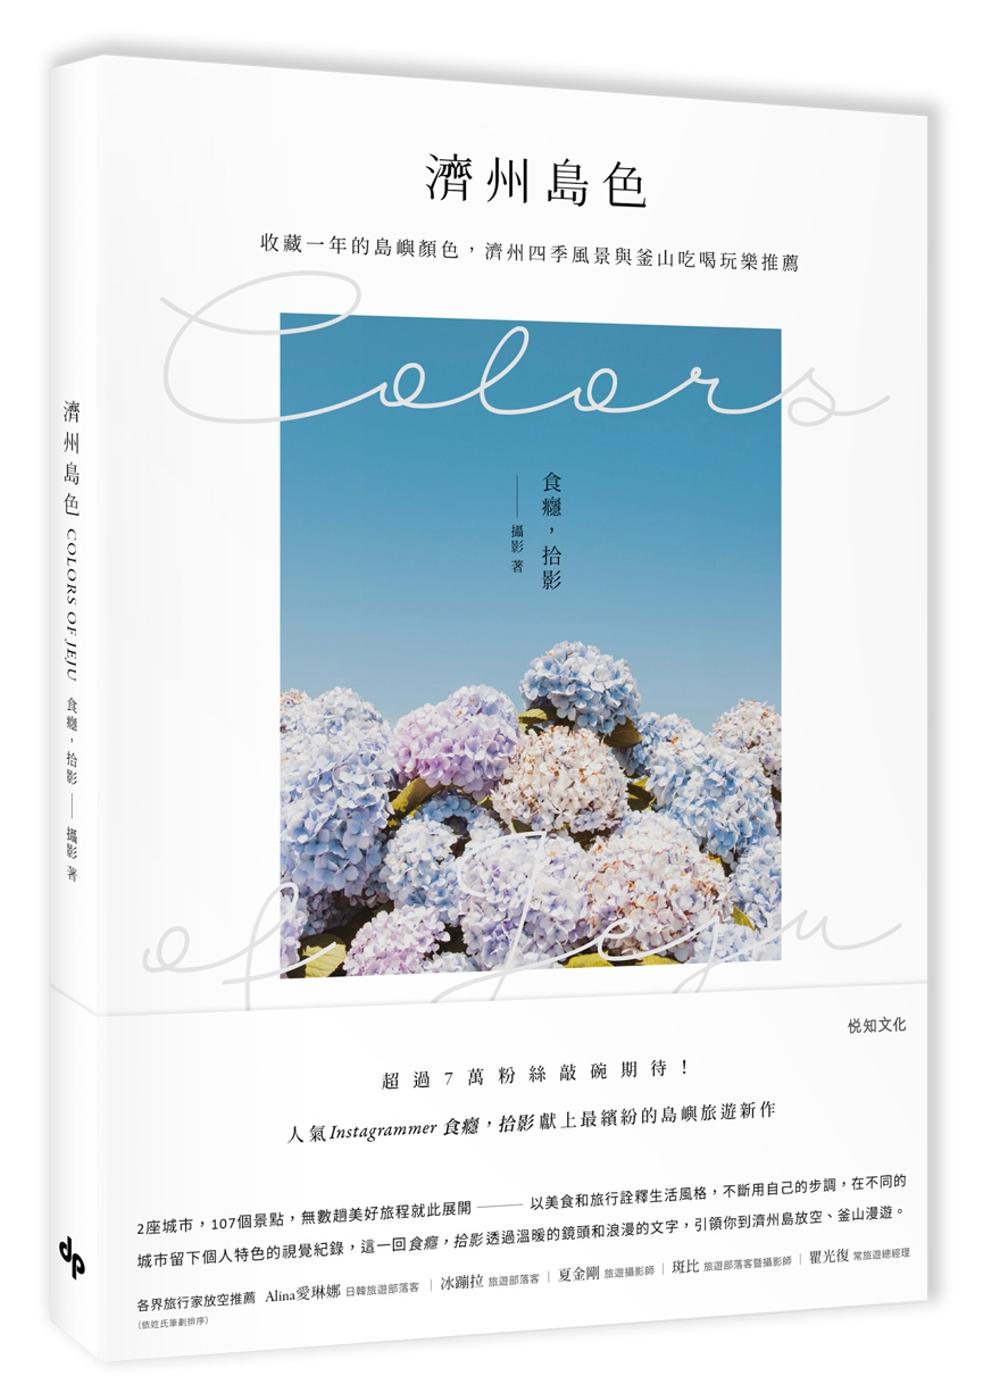 濟州島色Colors of Jeju:收藏一年的島嶼顏色,濟州四季風景與釜山吃喝玩樂推